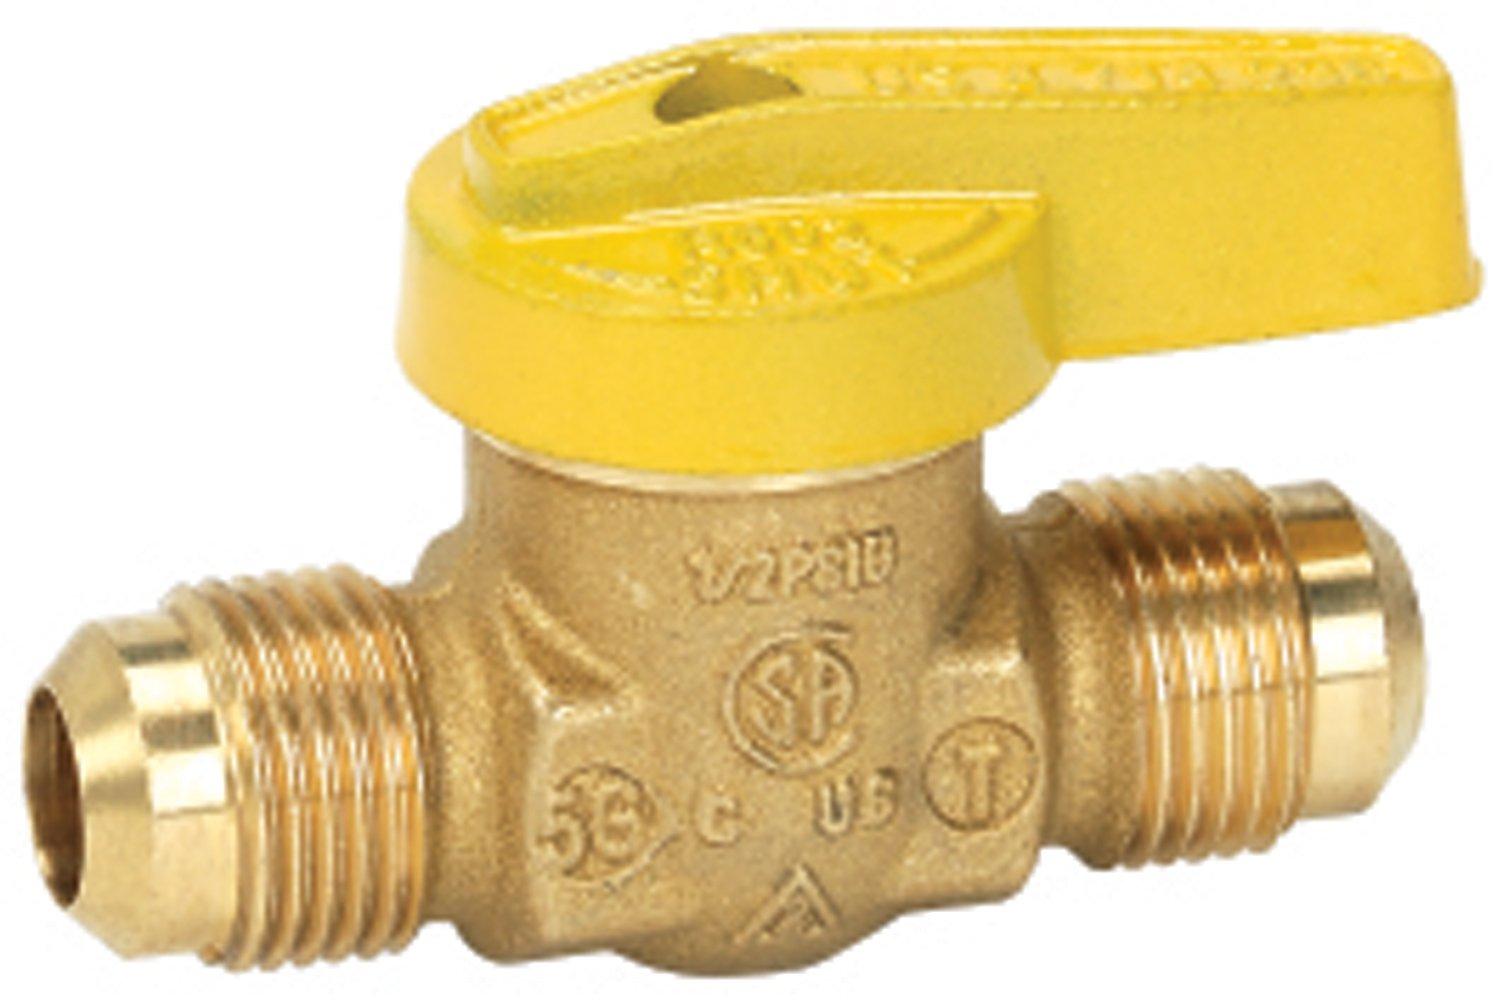 Homewerks VGV-1LH-T3B Premium Gas Ball Valve, Flare x Flare, Brass, 1/2-Inch